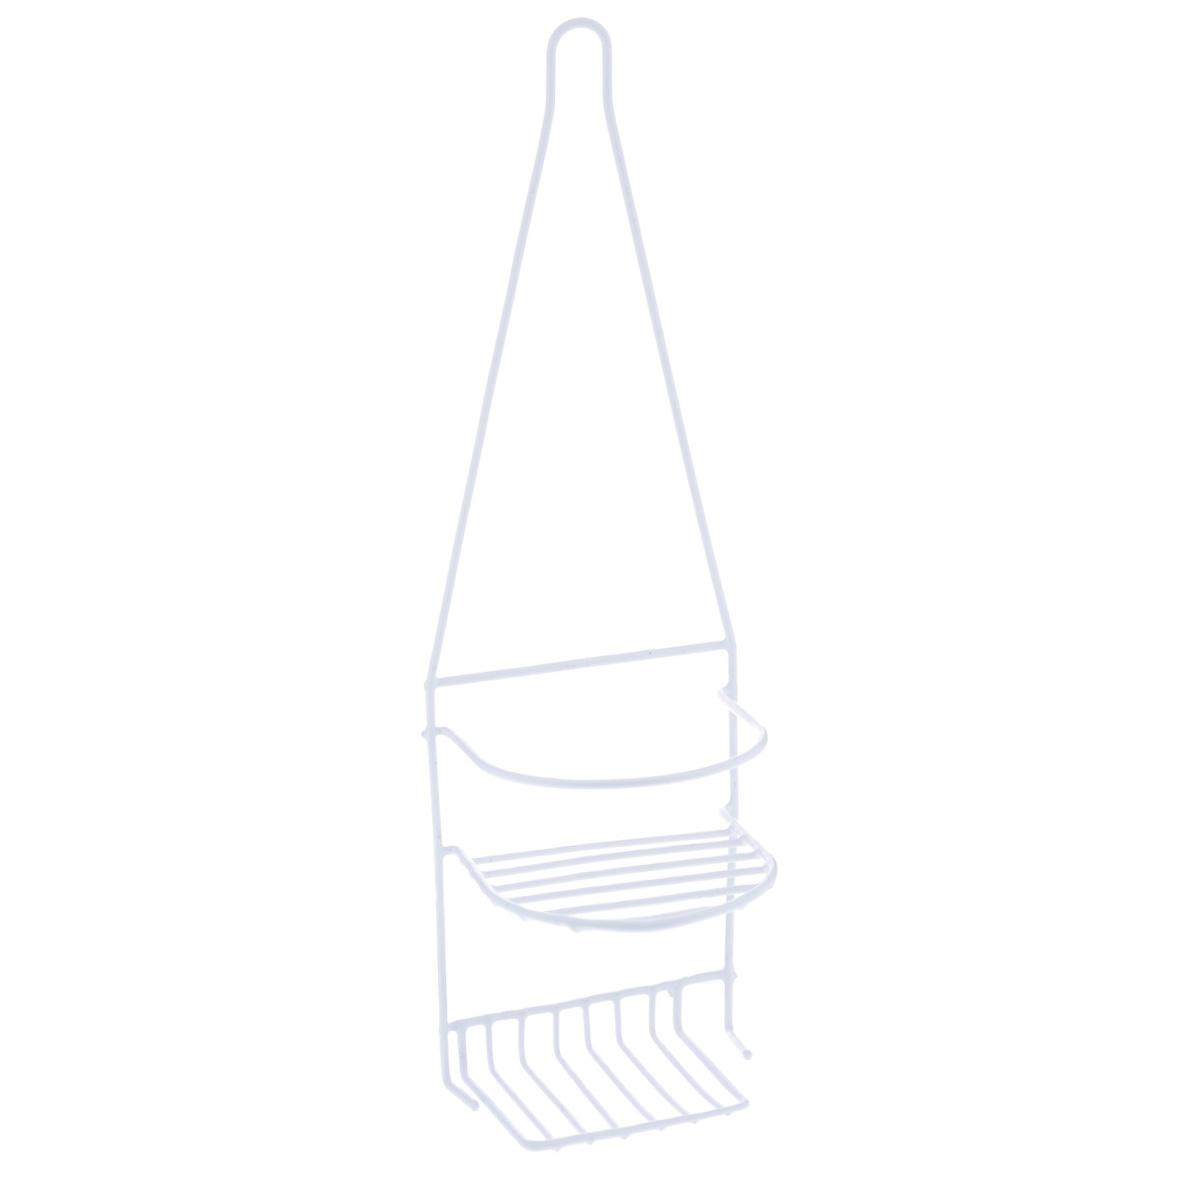 Полка Доляна, 2-х ярусная, цвет: белый, высота 44 см. 85295897678Полка Доляна выполнена из высококачественного металла и предназначена для хранения вещей в ванной комнате. Полка состоит из 2-х ярусов. Она пригодится для хранения различных предметов, которые всегда будут под рукой.Благодаря компактным размерам полка впишется в интерьер вашего дома и позволит вам удобно и практично хранить предметы домашнего обихода.Удобная и практичная металлическая полочка станет незаменимым аксессуаром в вашем хозяйстве.Высота полки: 44 см.Расстояние между ярусами: 9,5 см.Размер верхнего яруса: 12,5 см х 12,5 см.Размер нижнего яруса: 12,5 см х 8,5 см.